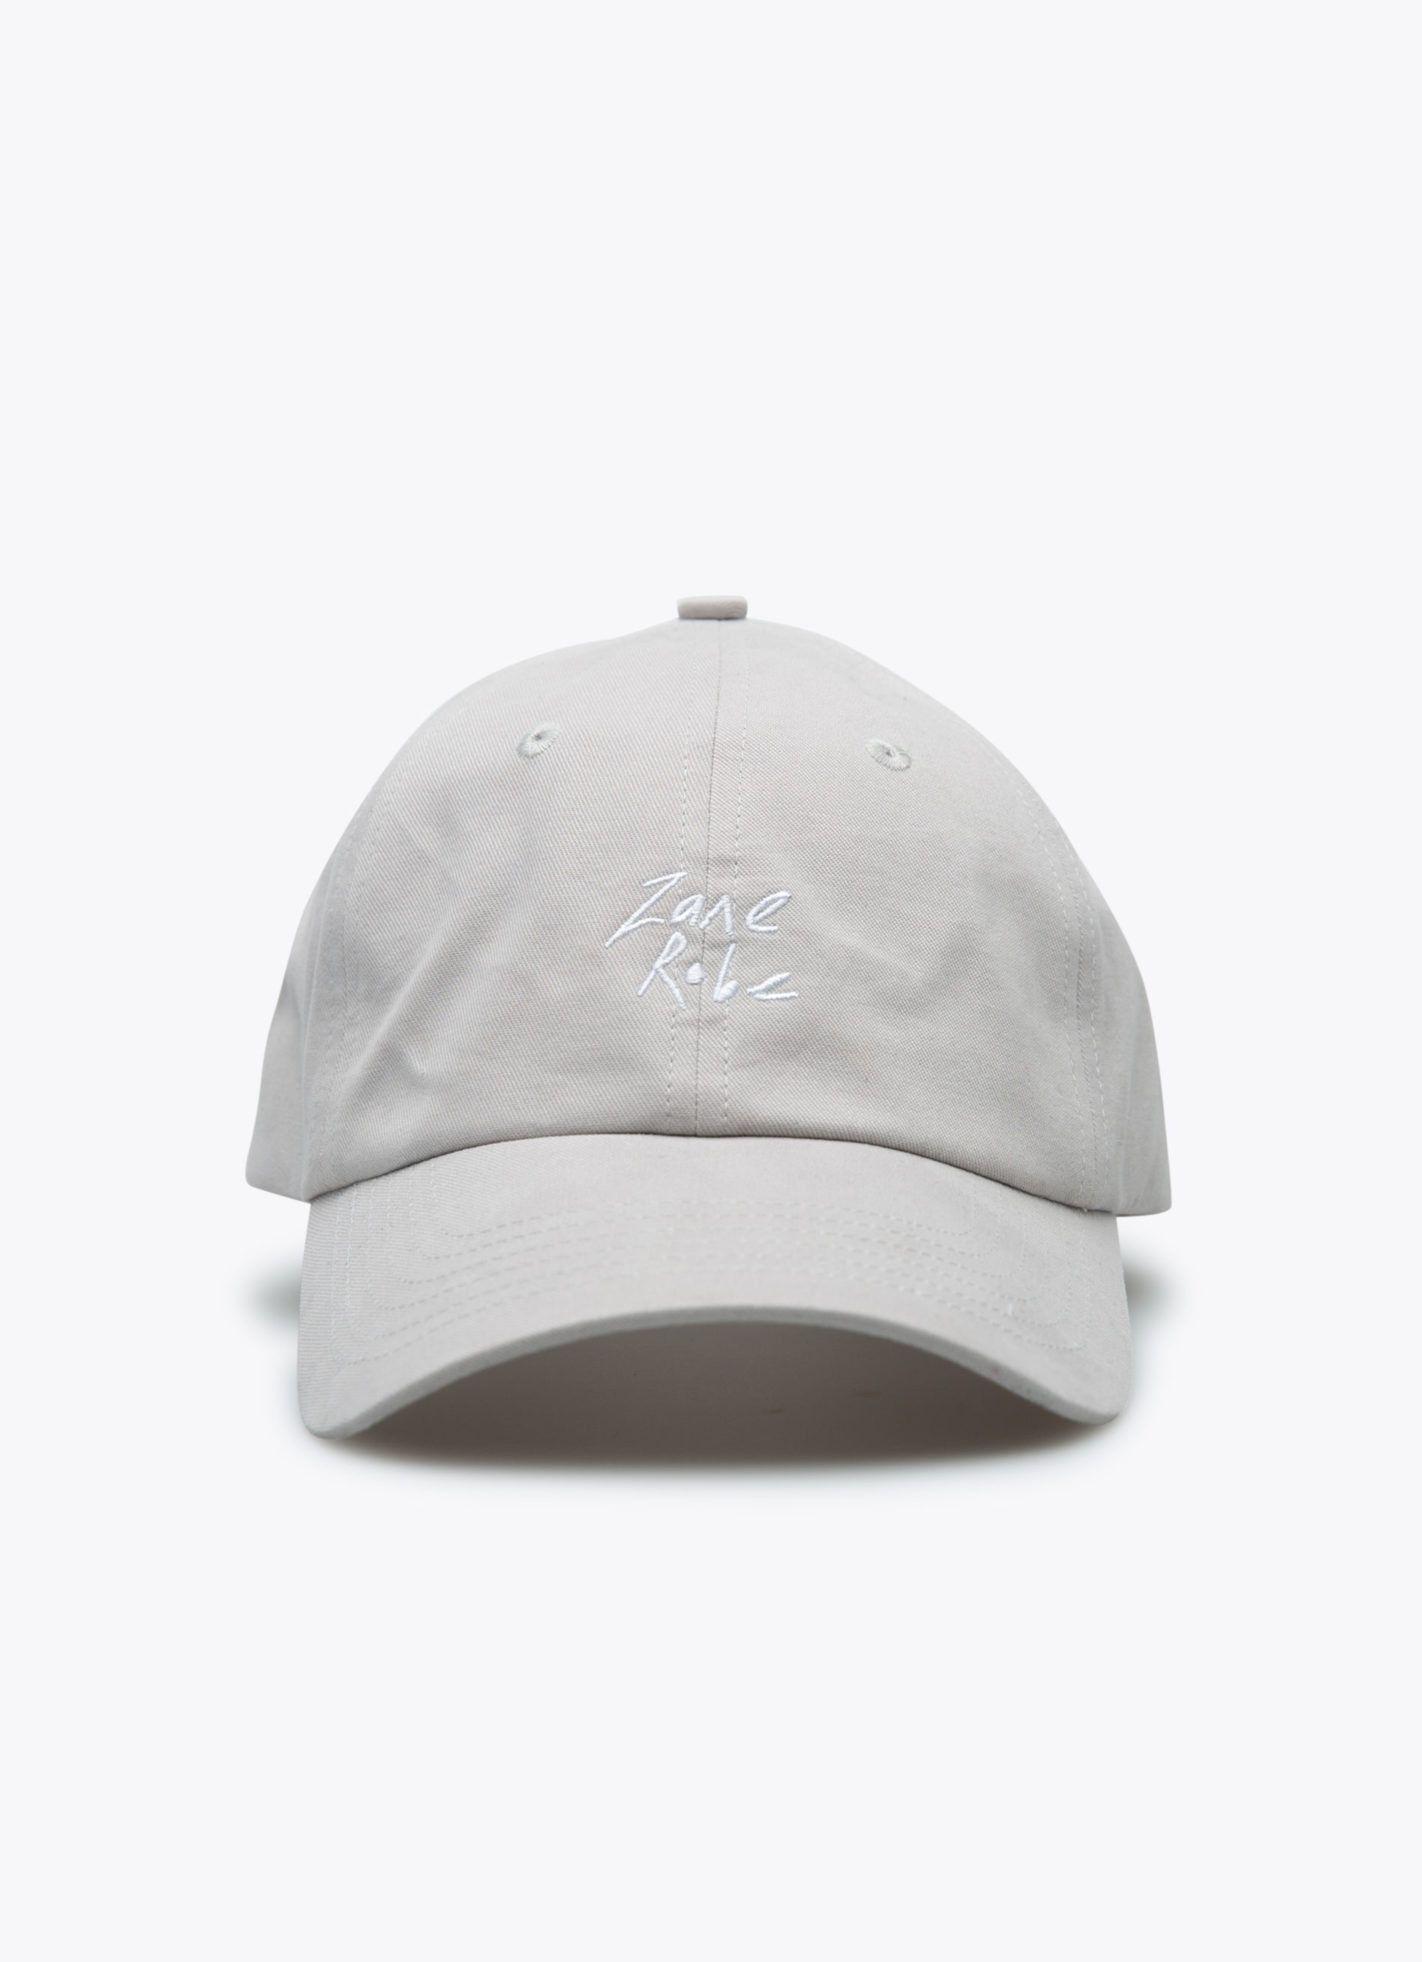 a73ac21b6de Etch curved brim cap - stone